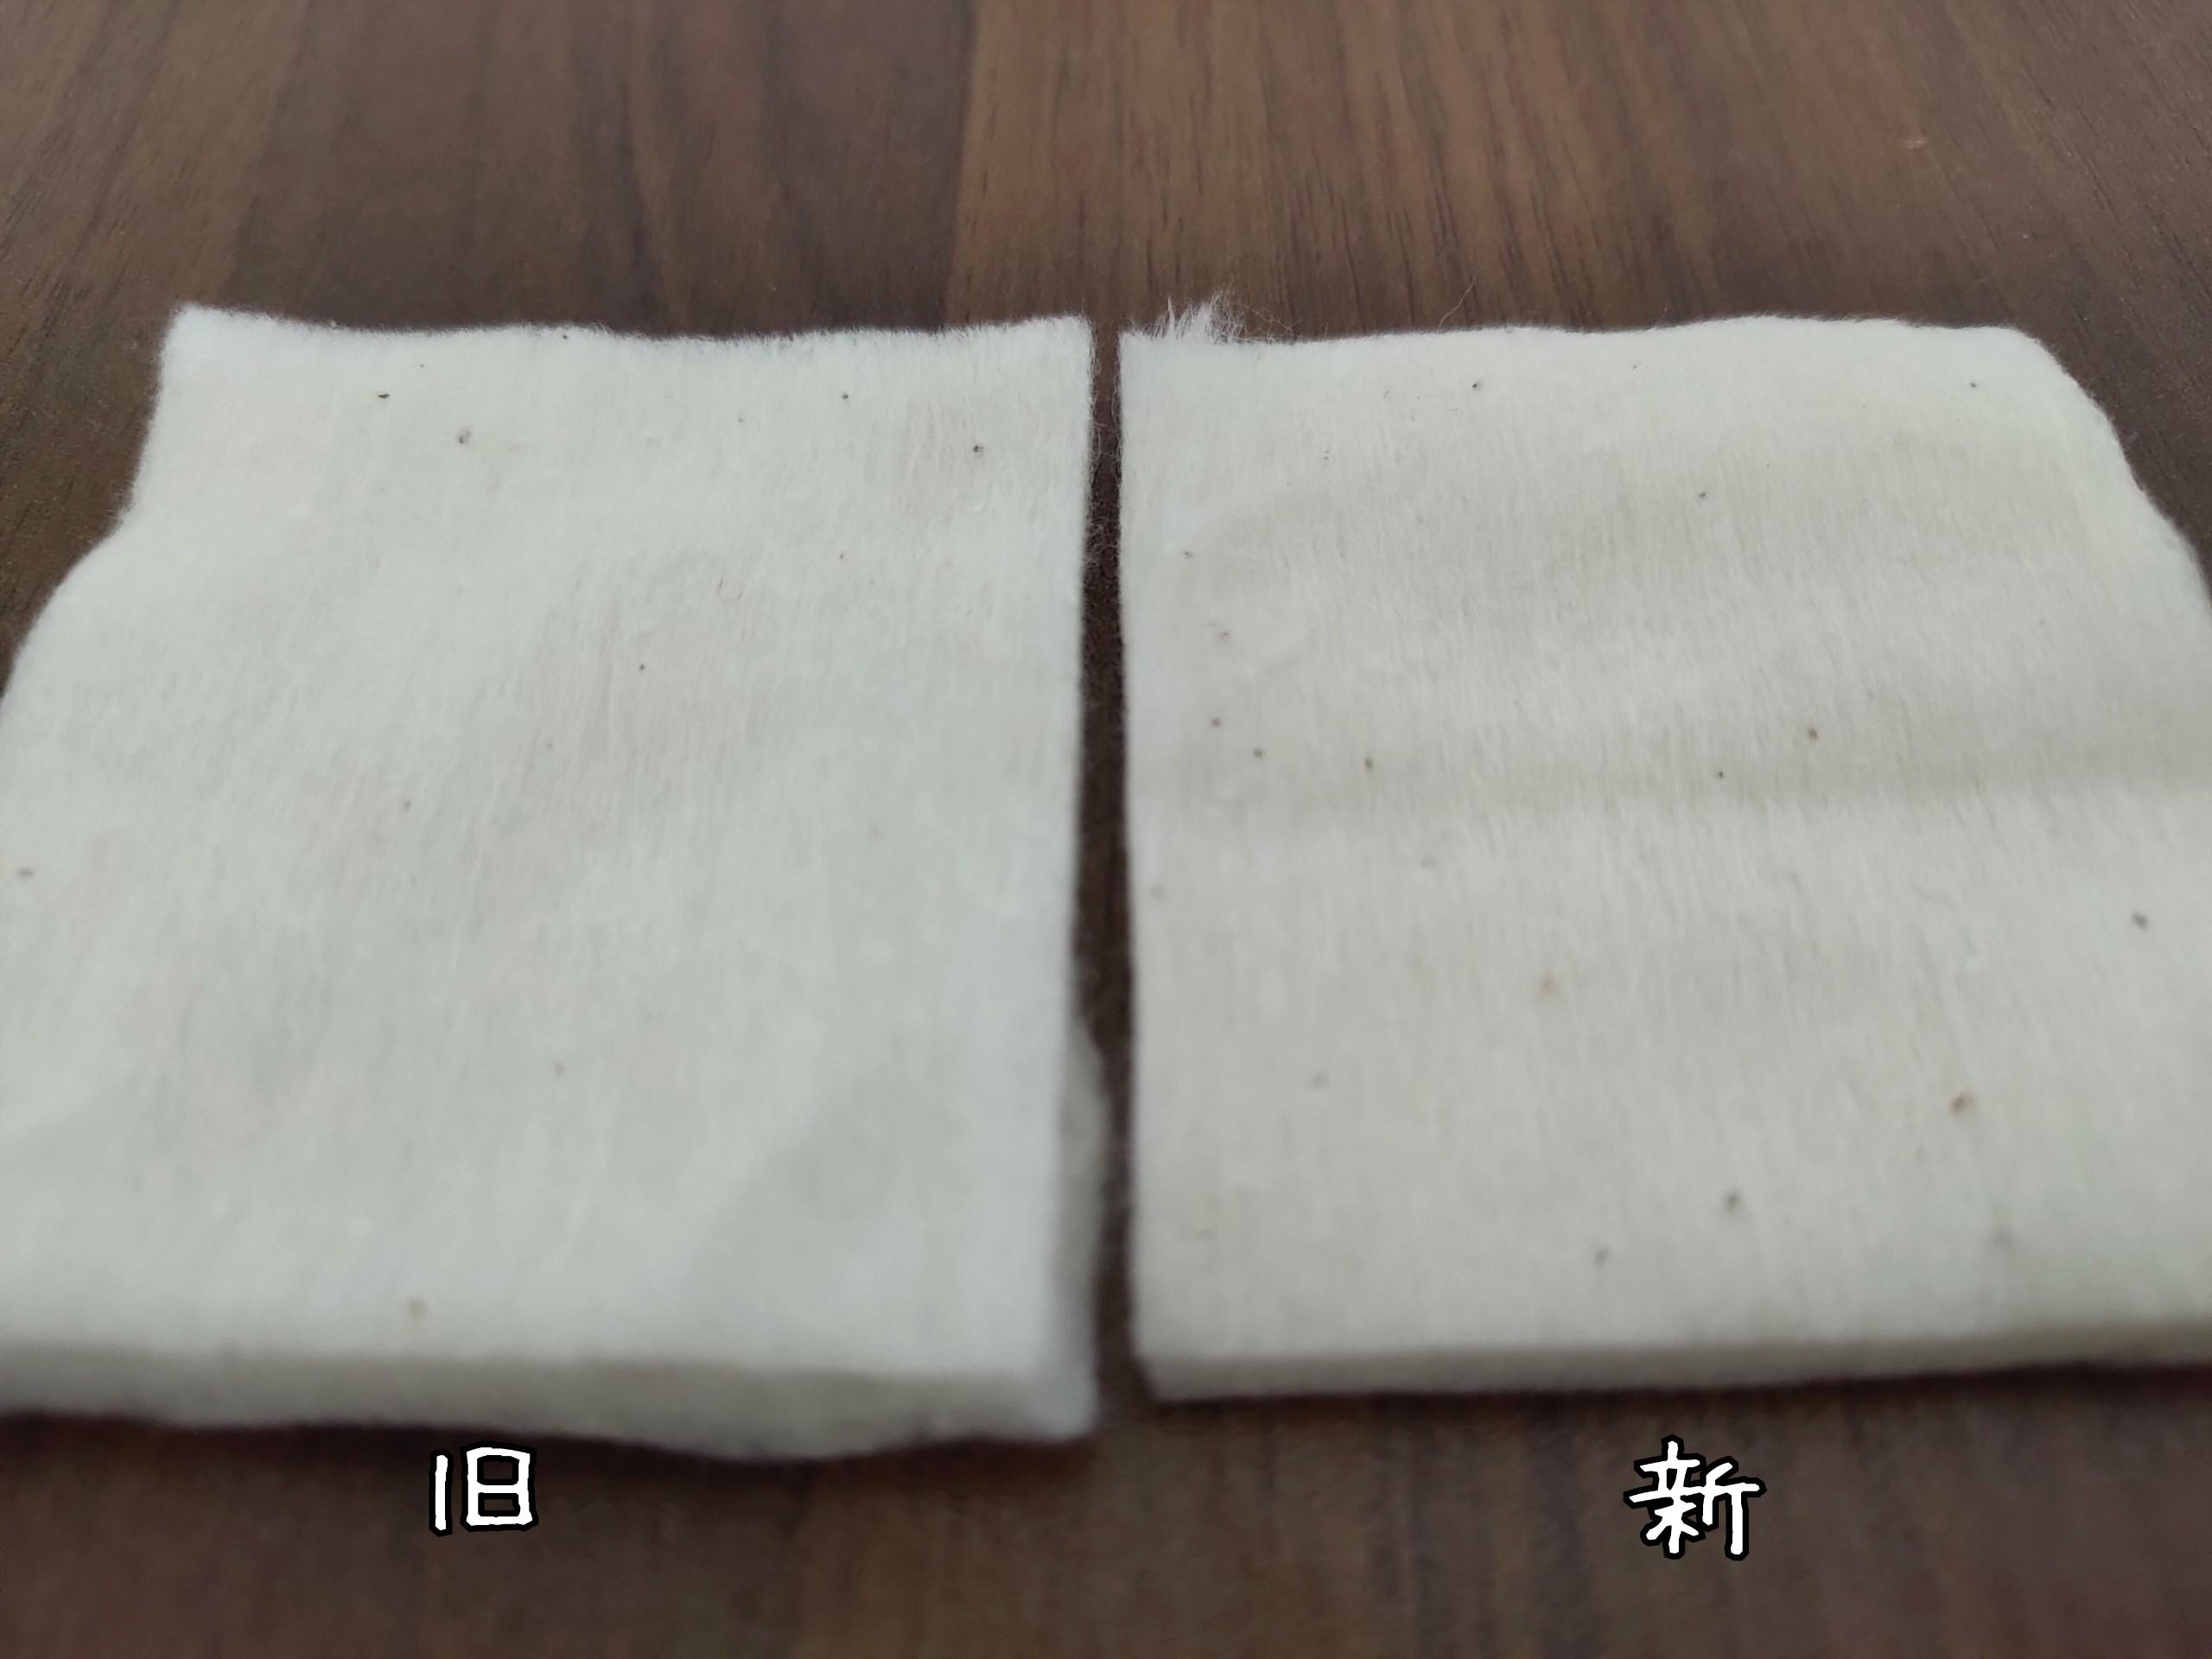 無印良品 生成カットコットン 表面の繊維を拡大